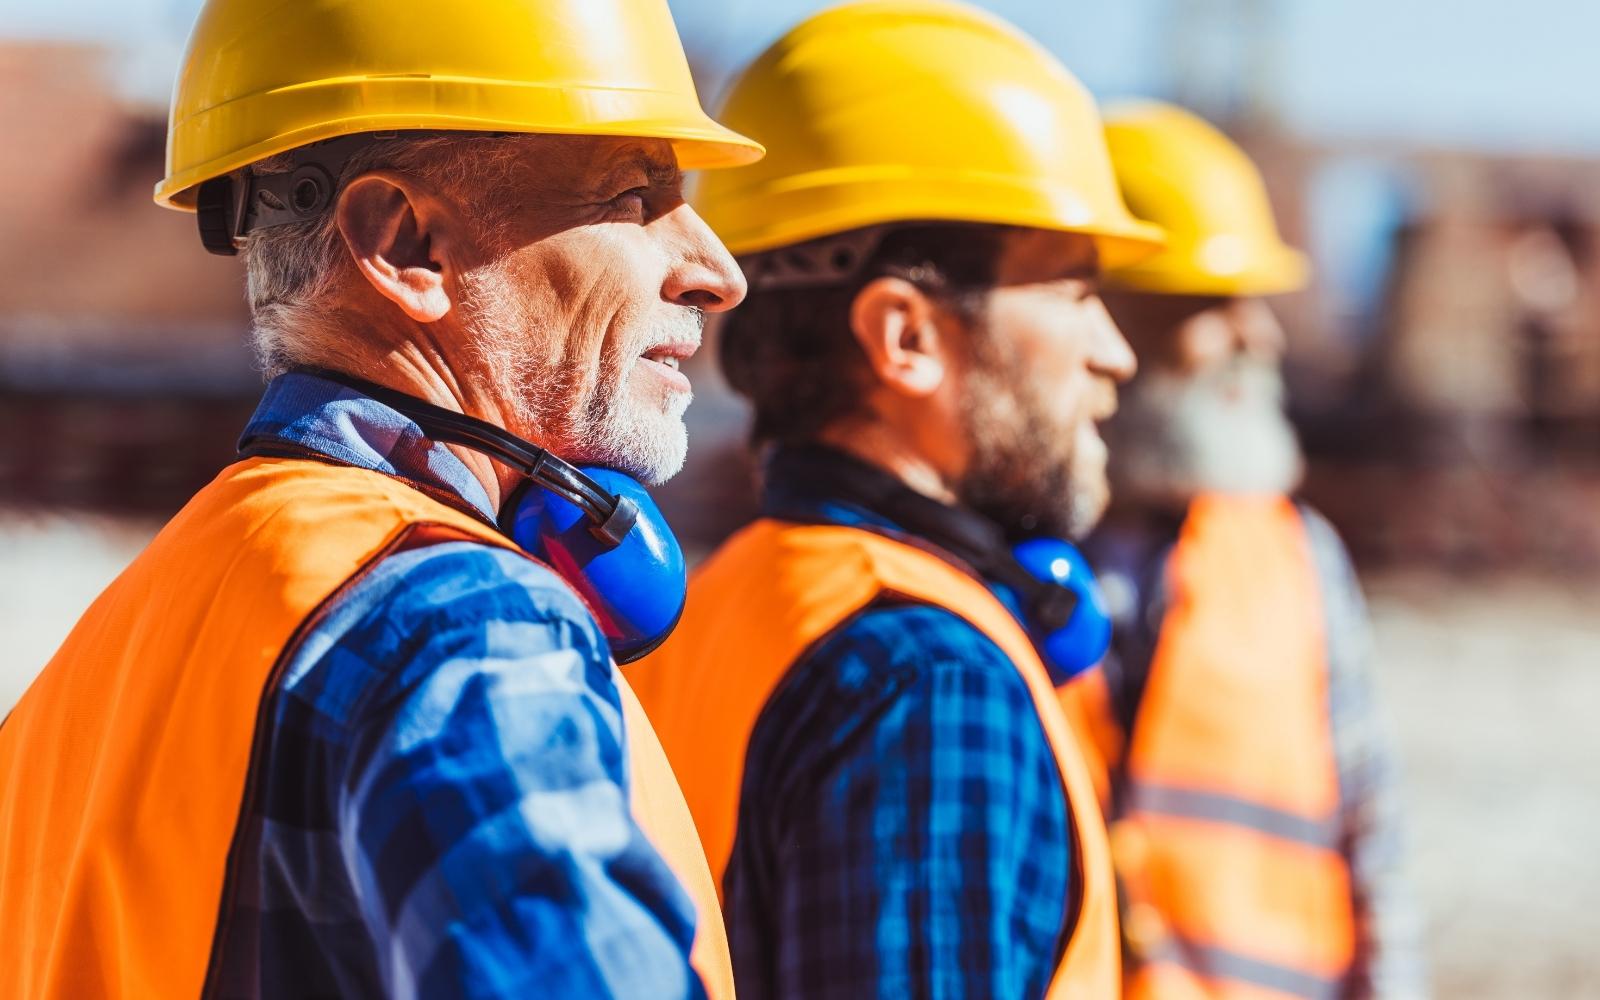 Construtora contrata profissionais para vagas em Itabirito